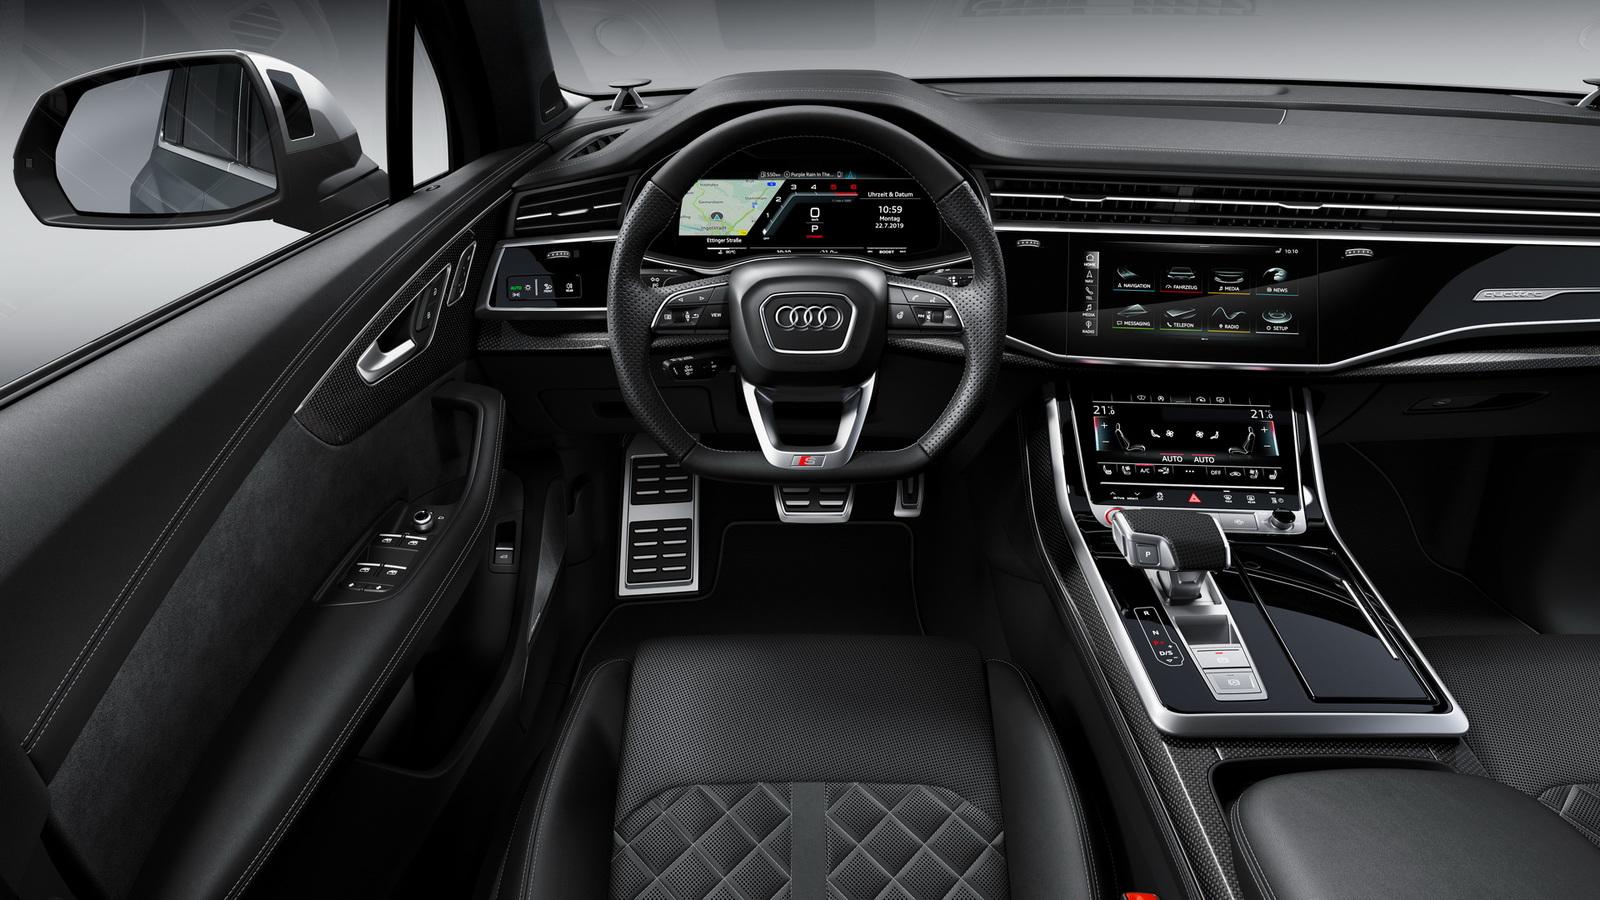 «Горячие» кроссоверы Audi SQ 7 и SQ 8 получили безиновый V8